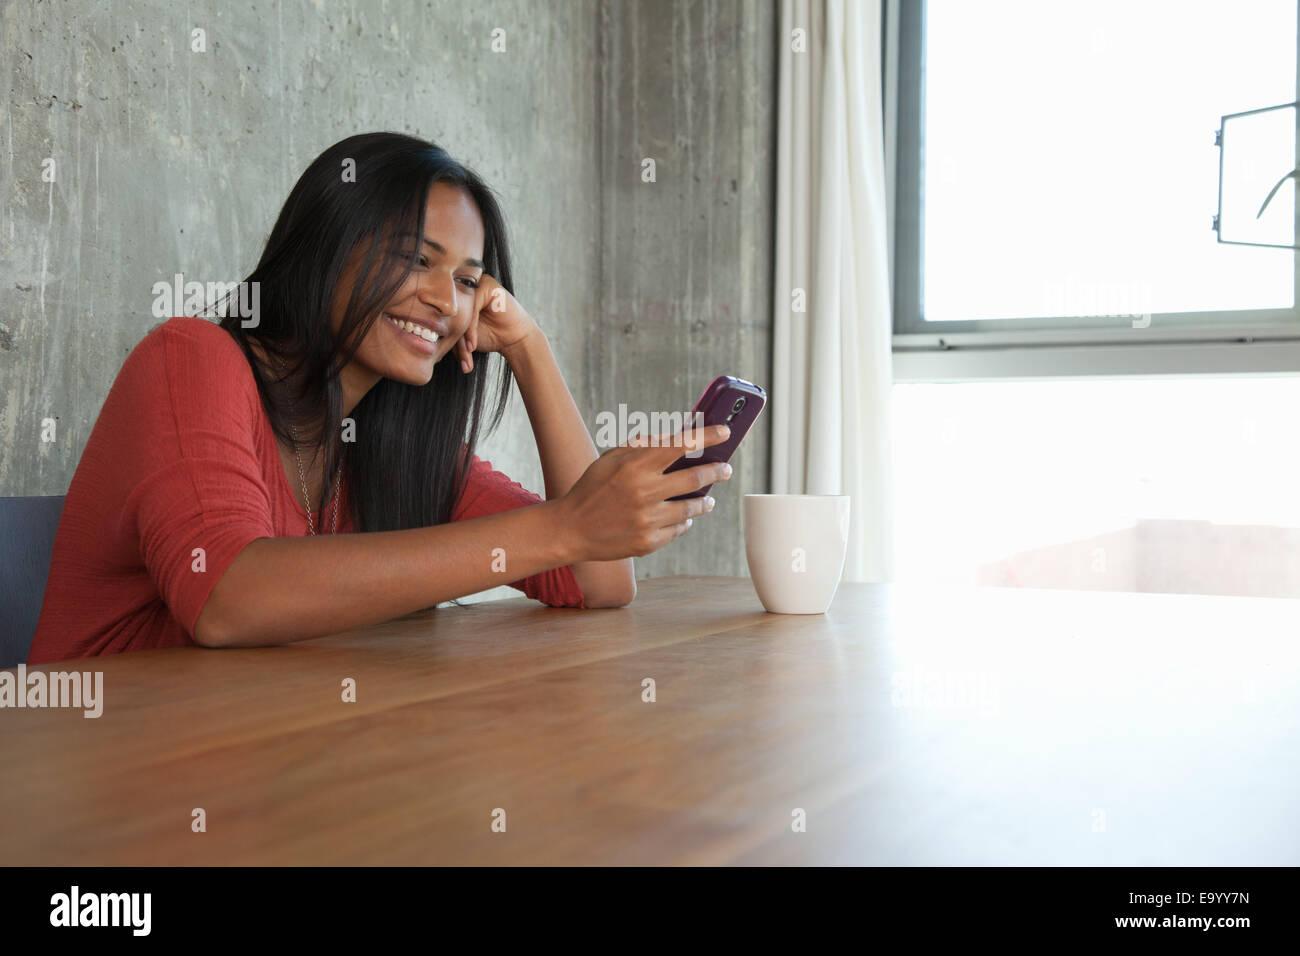 Donna che utilizza smartphone a home Immagini Stock